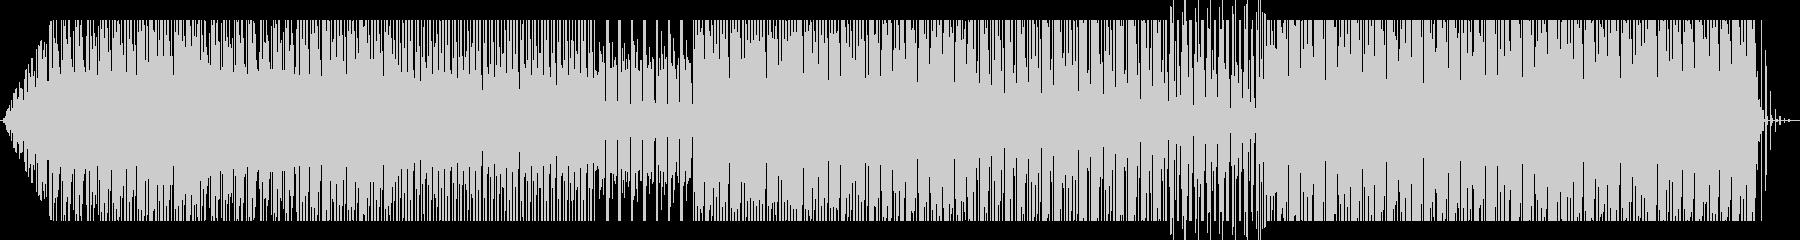 汎用性が高いインダストリアルテクノの未再生の波形